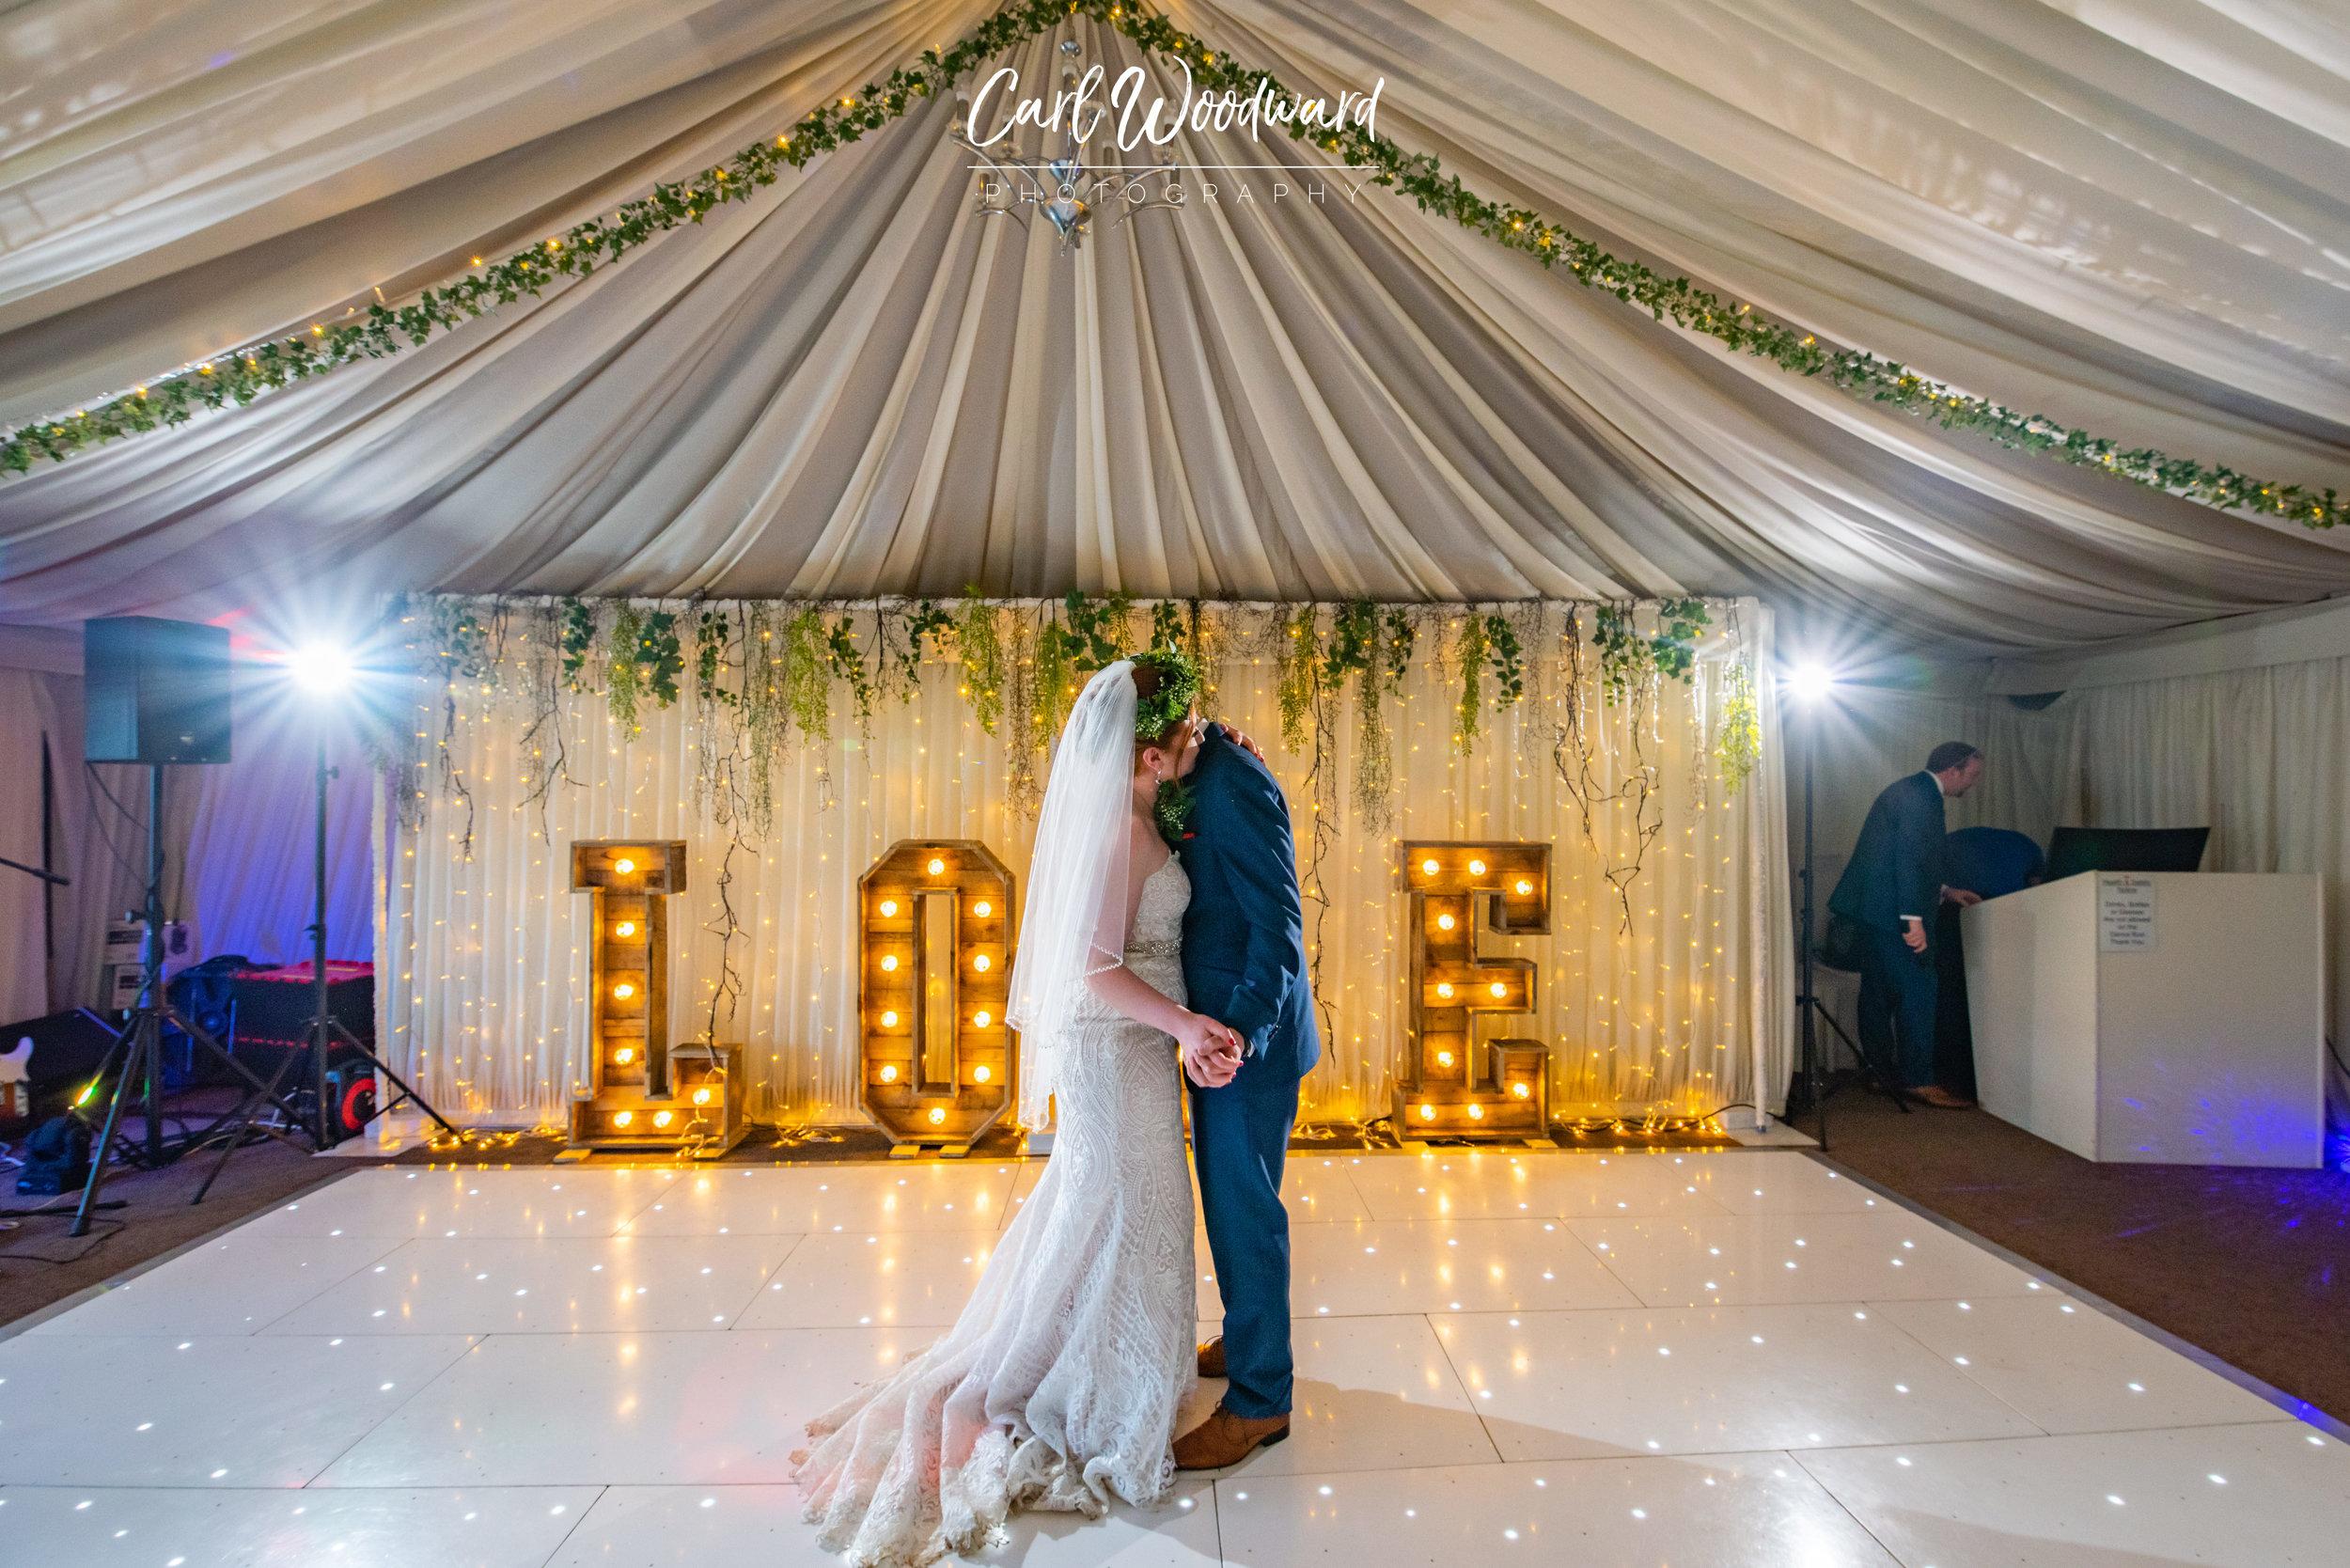 020-Oxwich-Bay-Hotel-Weddings-Cardiff-Wedding-Photography.jpg